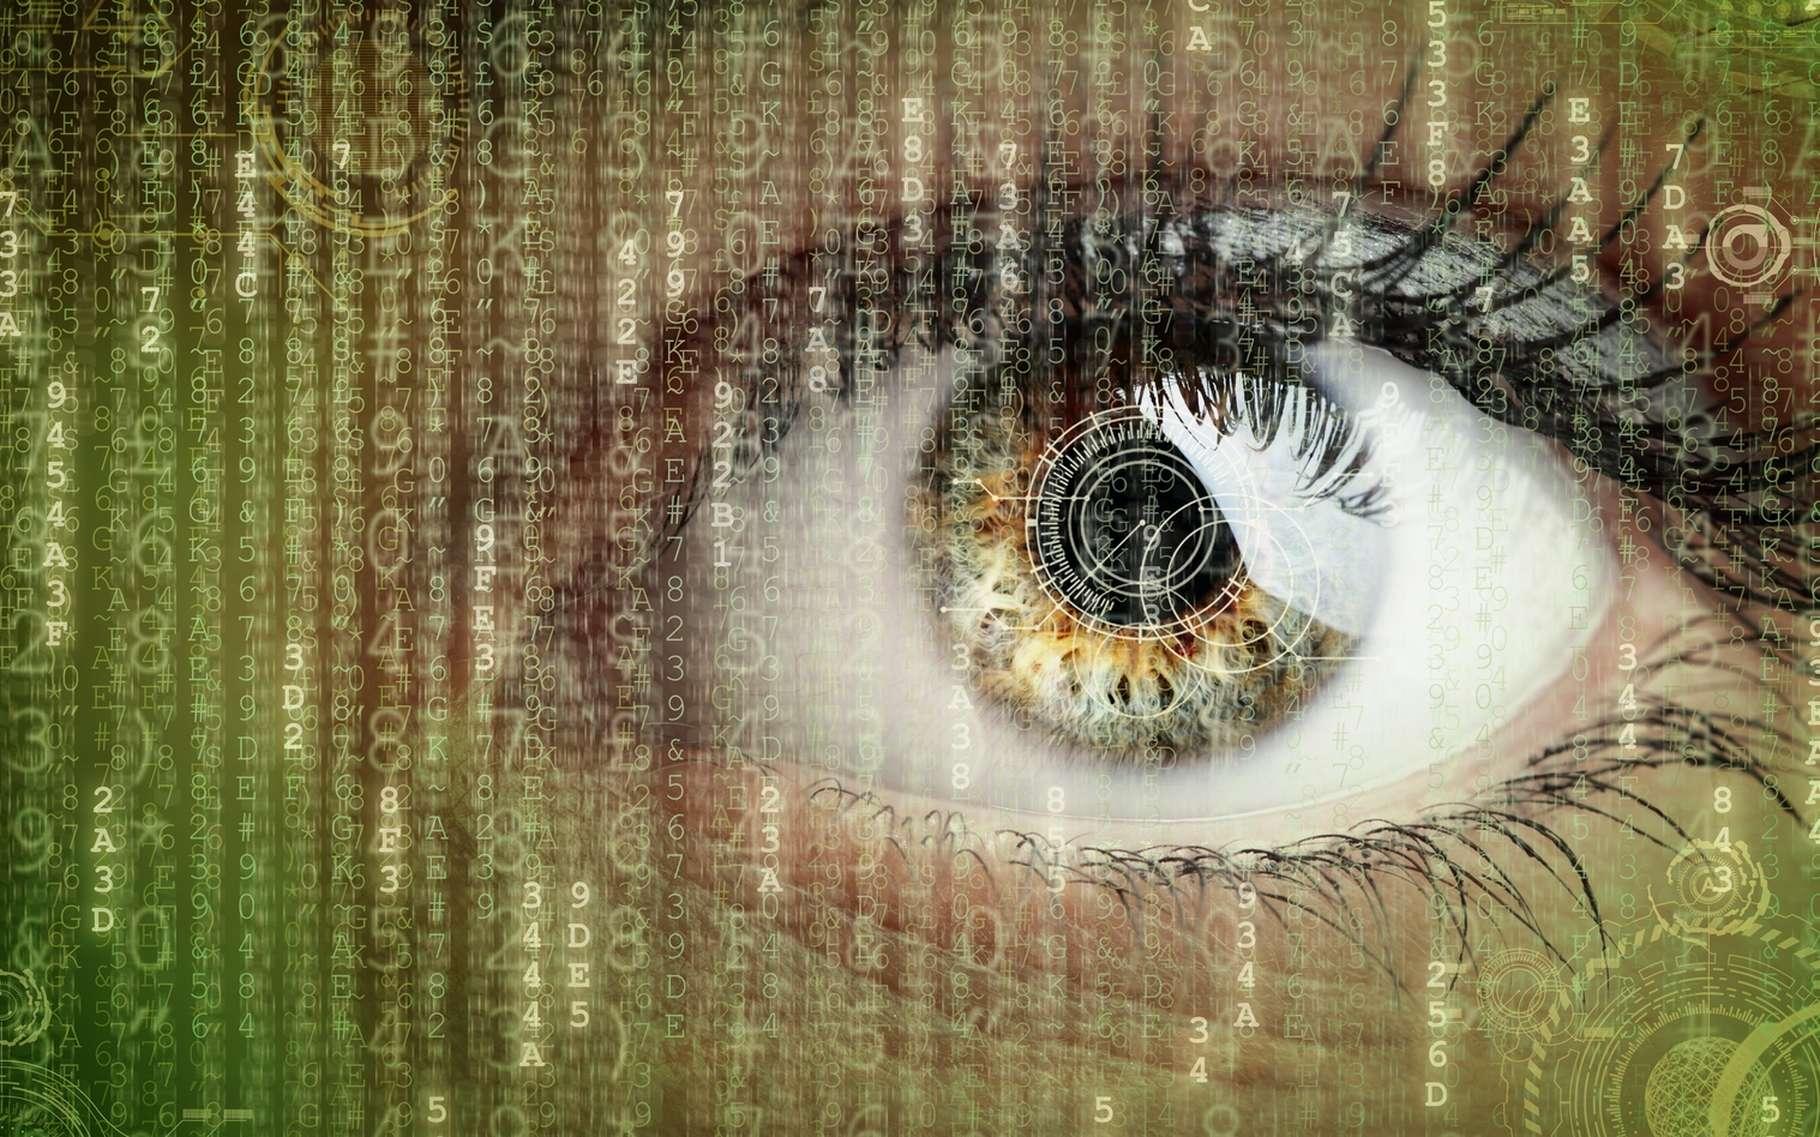 Développé pour le compte d'États désireux de pratiquer la surveillance électronique et/ou l'espionnage industriel, le malware Pegasus peut être utilisé par des pirates. © Brian A Jackson, Shutterstock